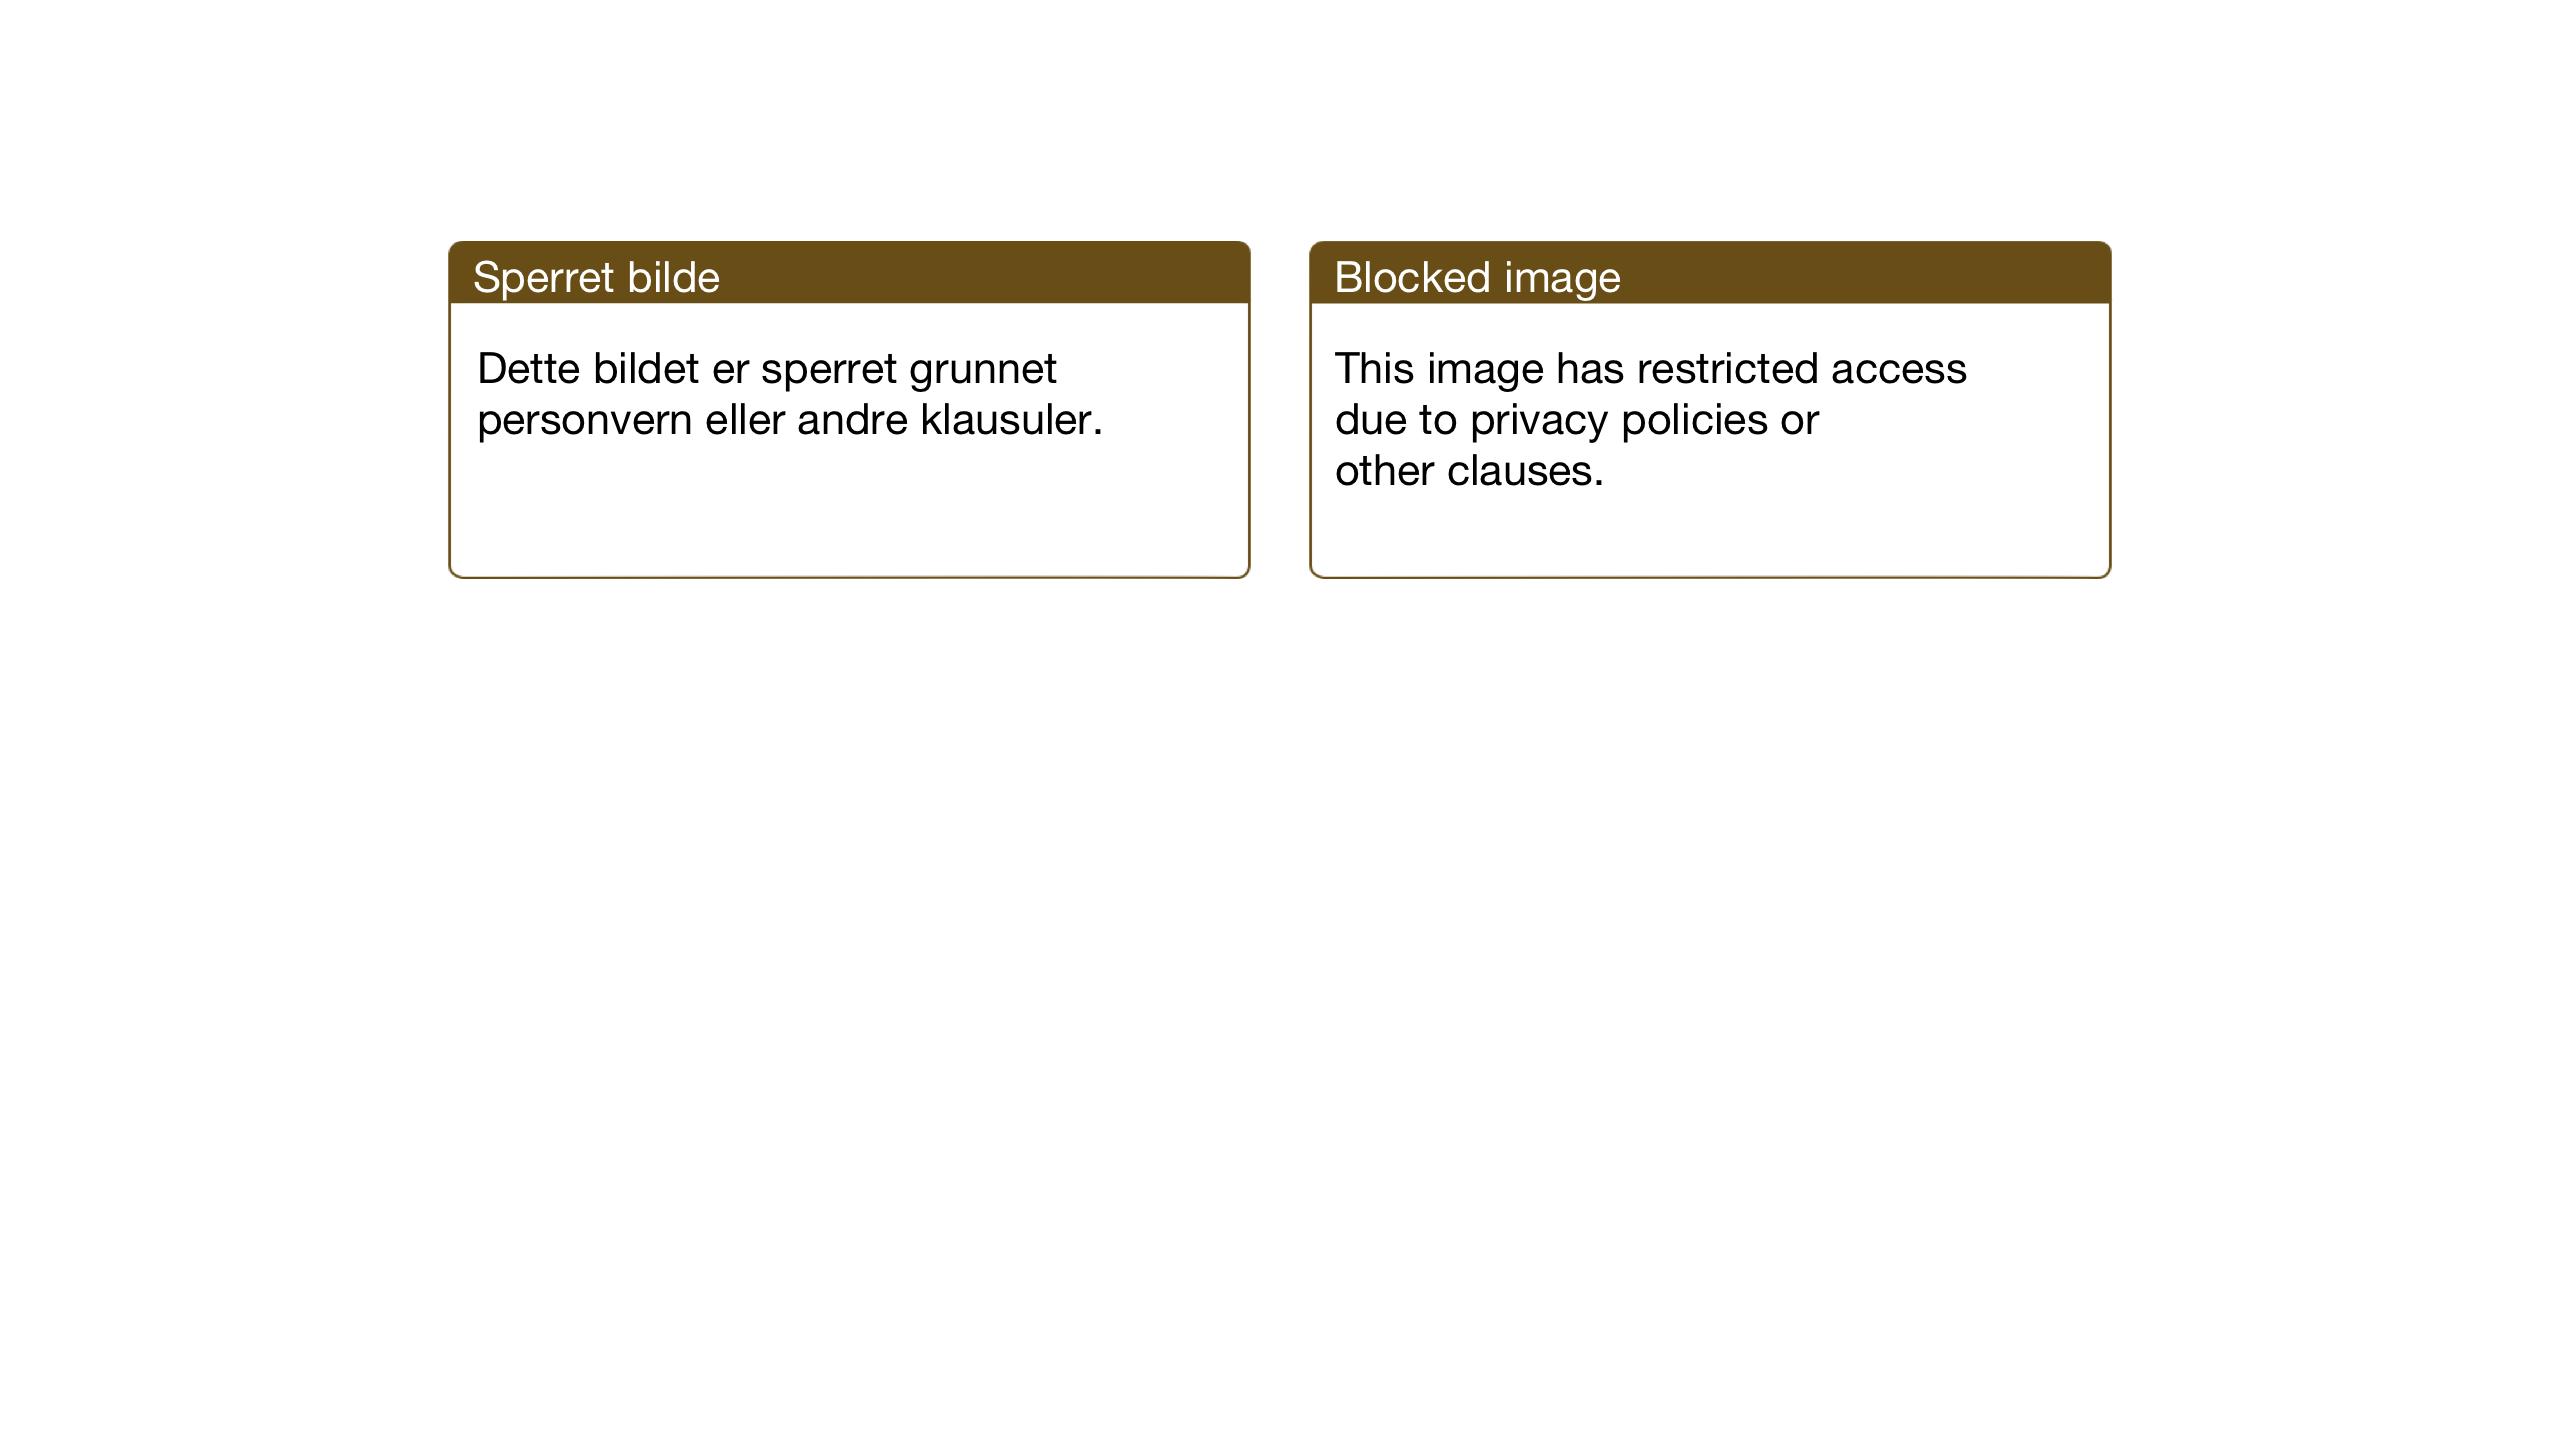 SAT, Ministerialprotokoller, klokkerbøker og fødselsregistre - Sør-Trøndelag, 606/L0314: Klokkerbok nr. 606C10, 1911-1937, s. 118